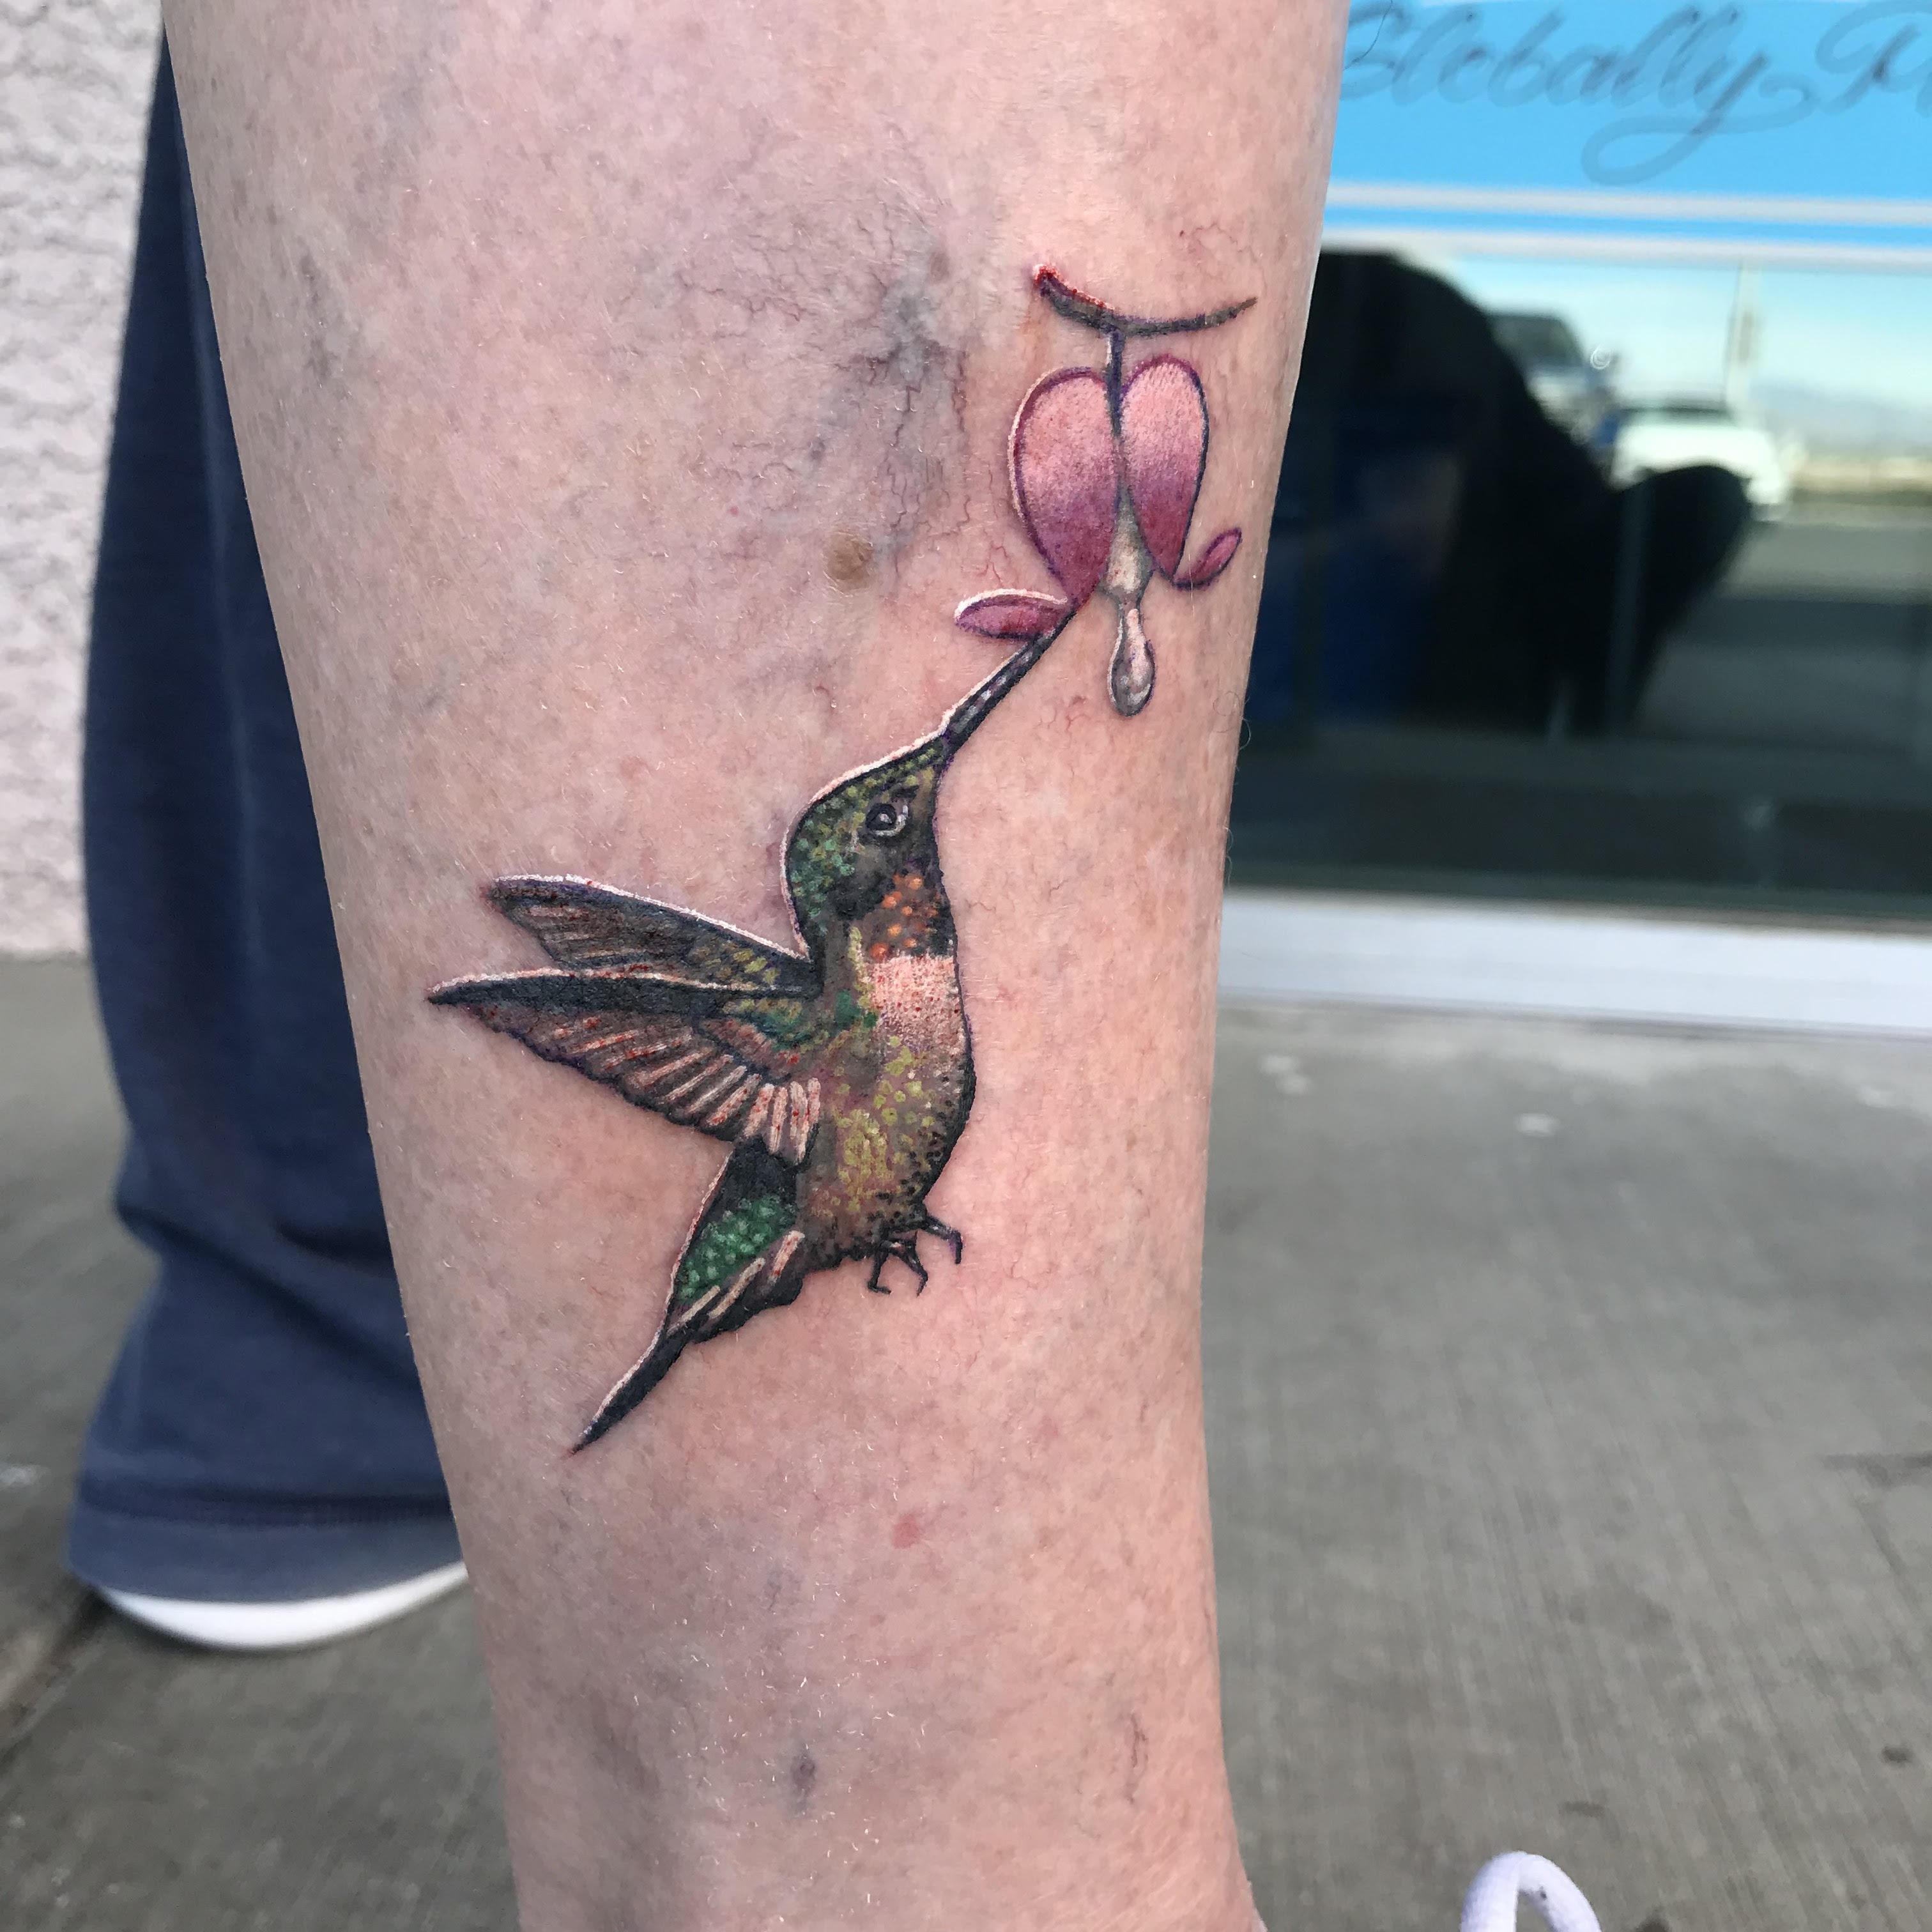 Hummingbird Tattoo by Krystof